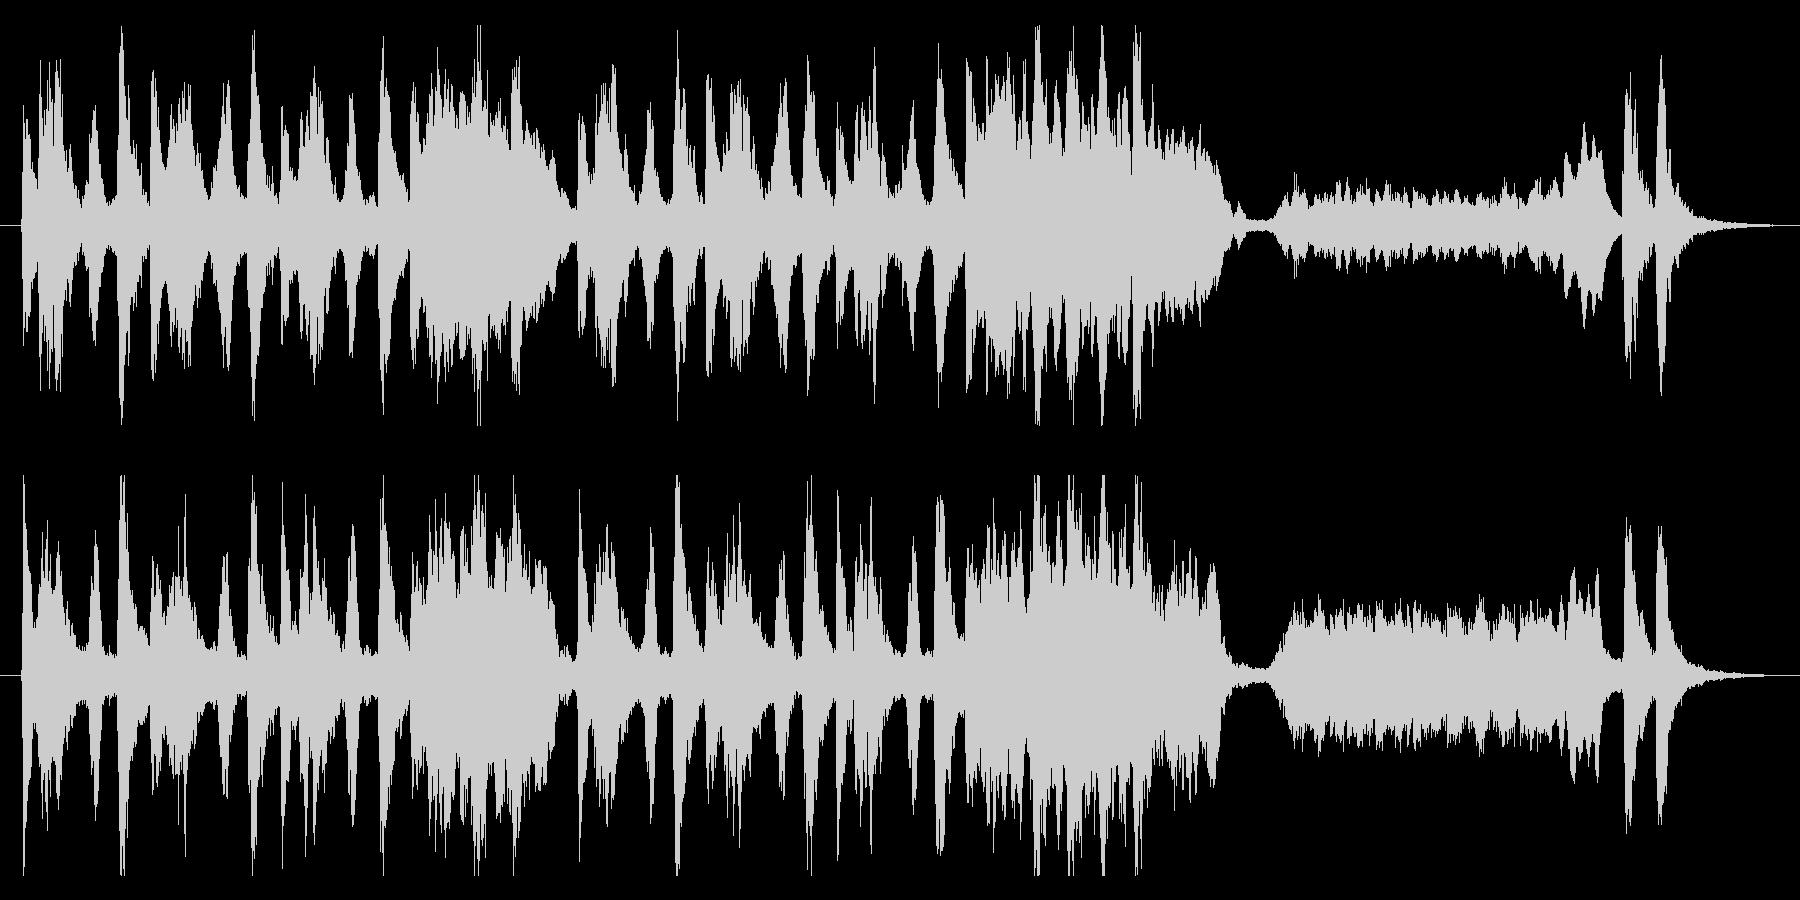 【オーケストラ】コミカル、わくわく、軽快の未再生の波形